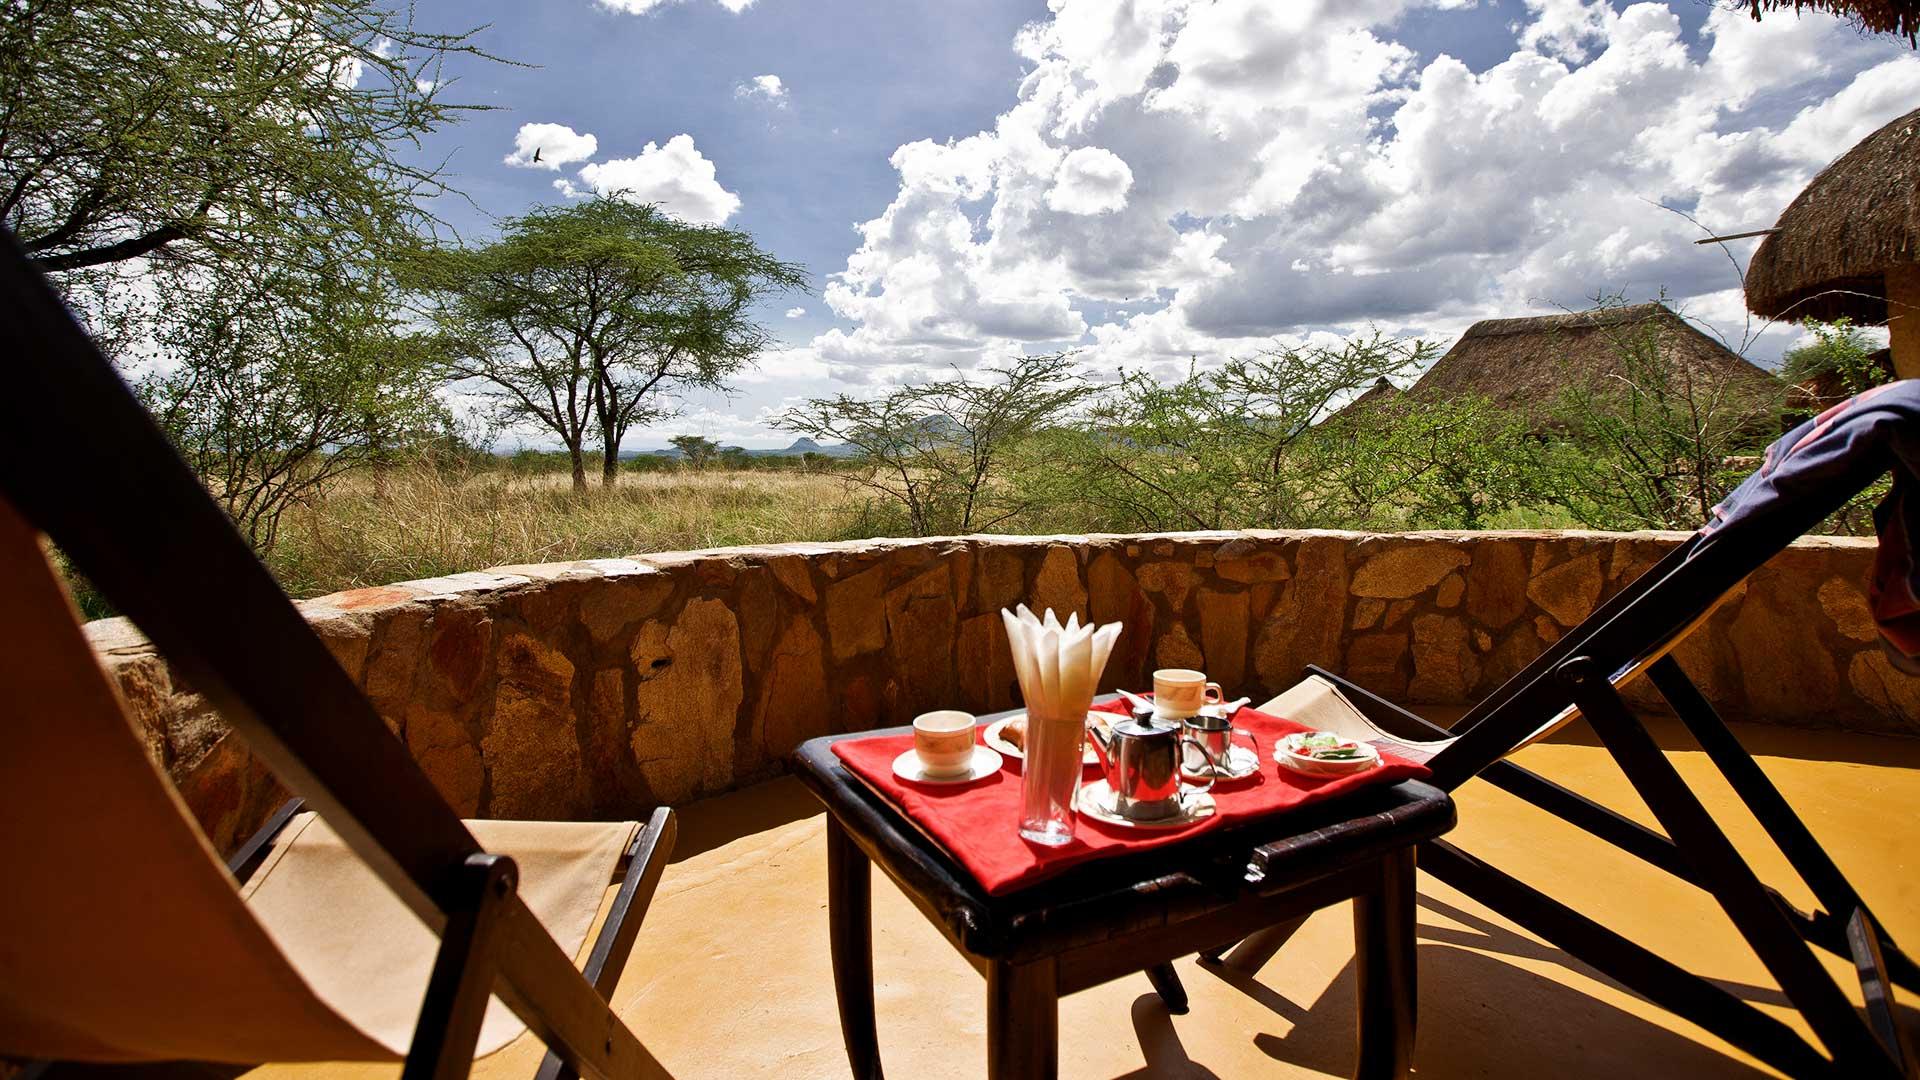 Day 2: Nairobi City – Samburu National Reserve